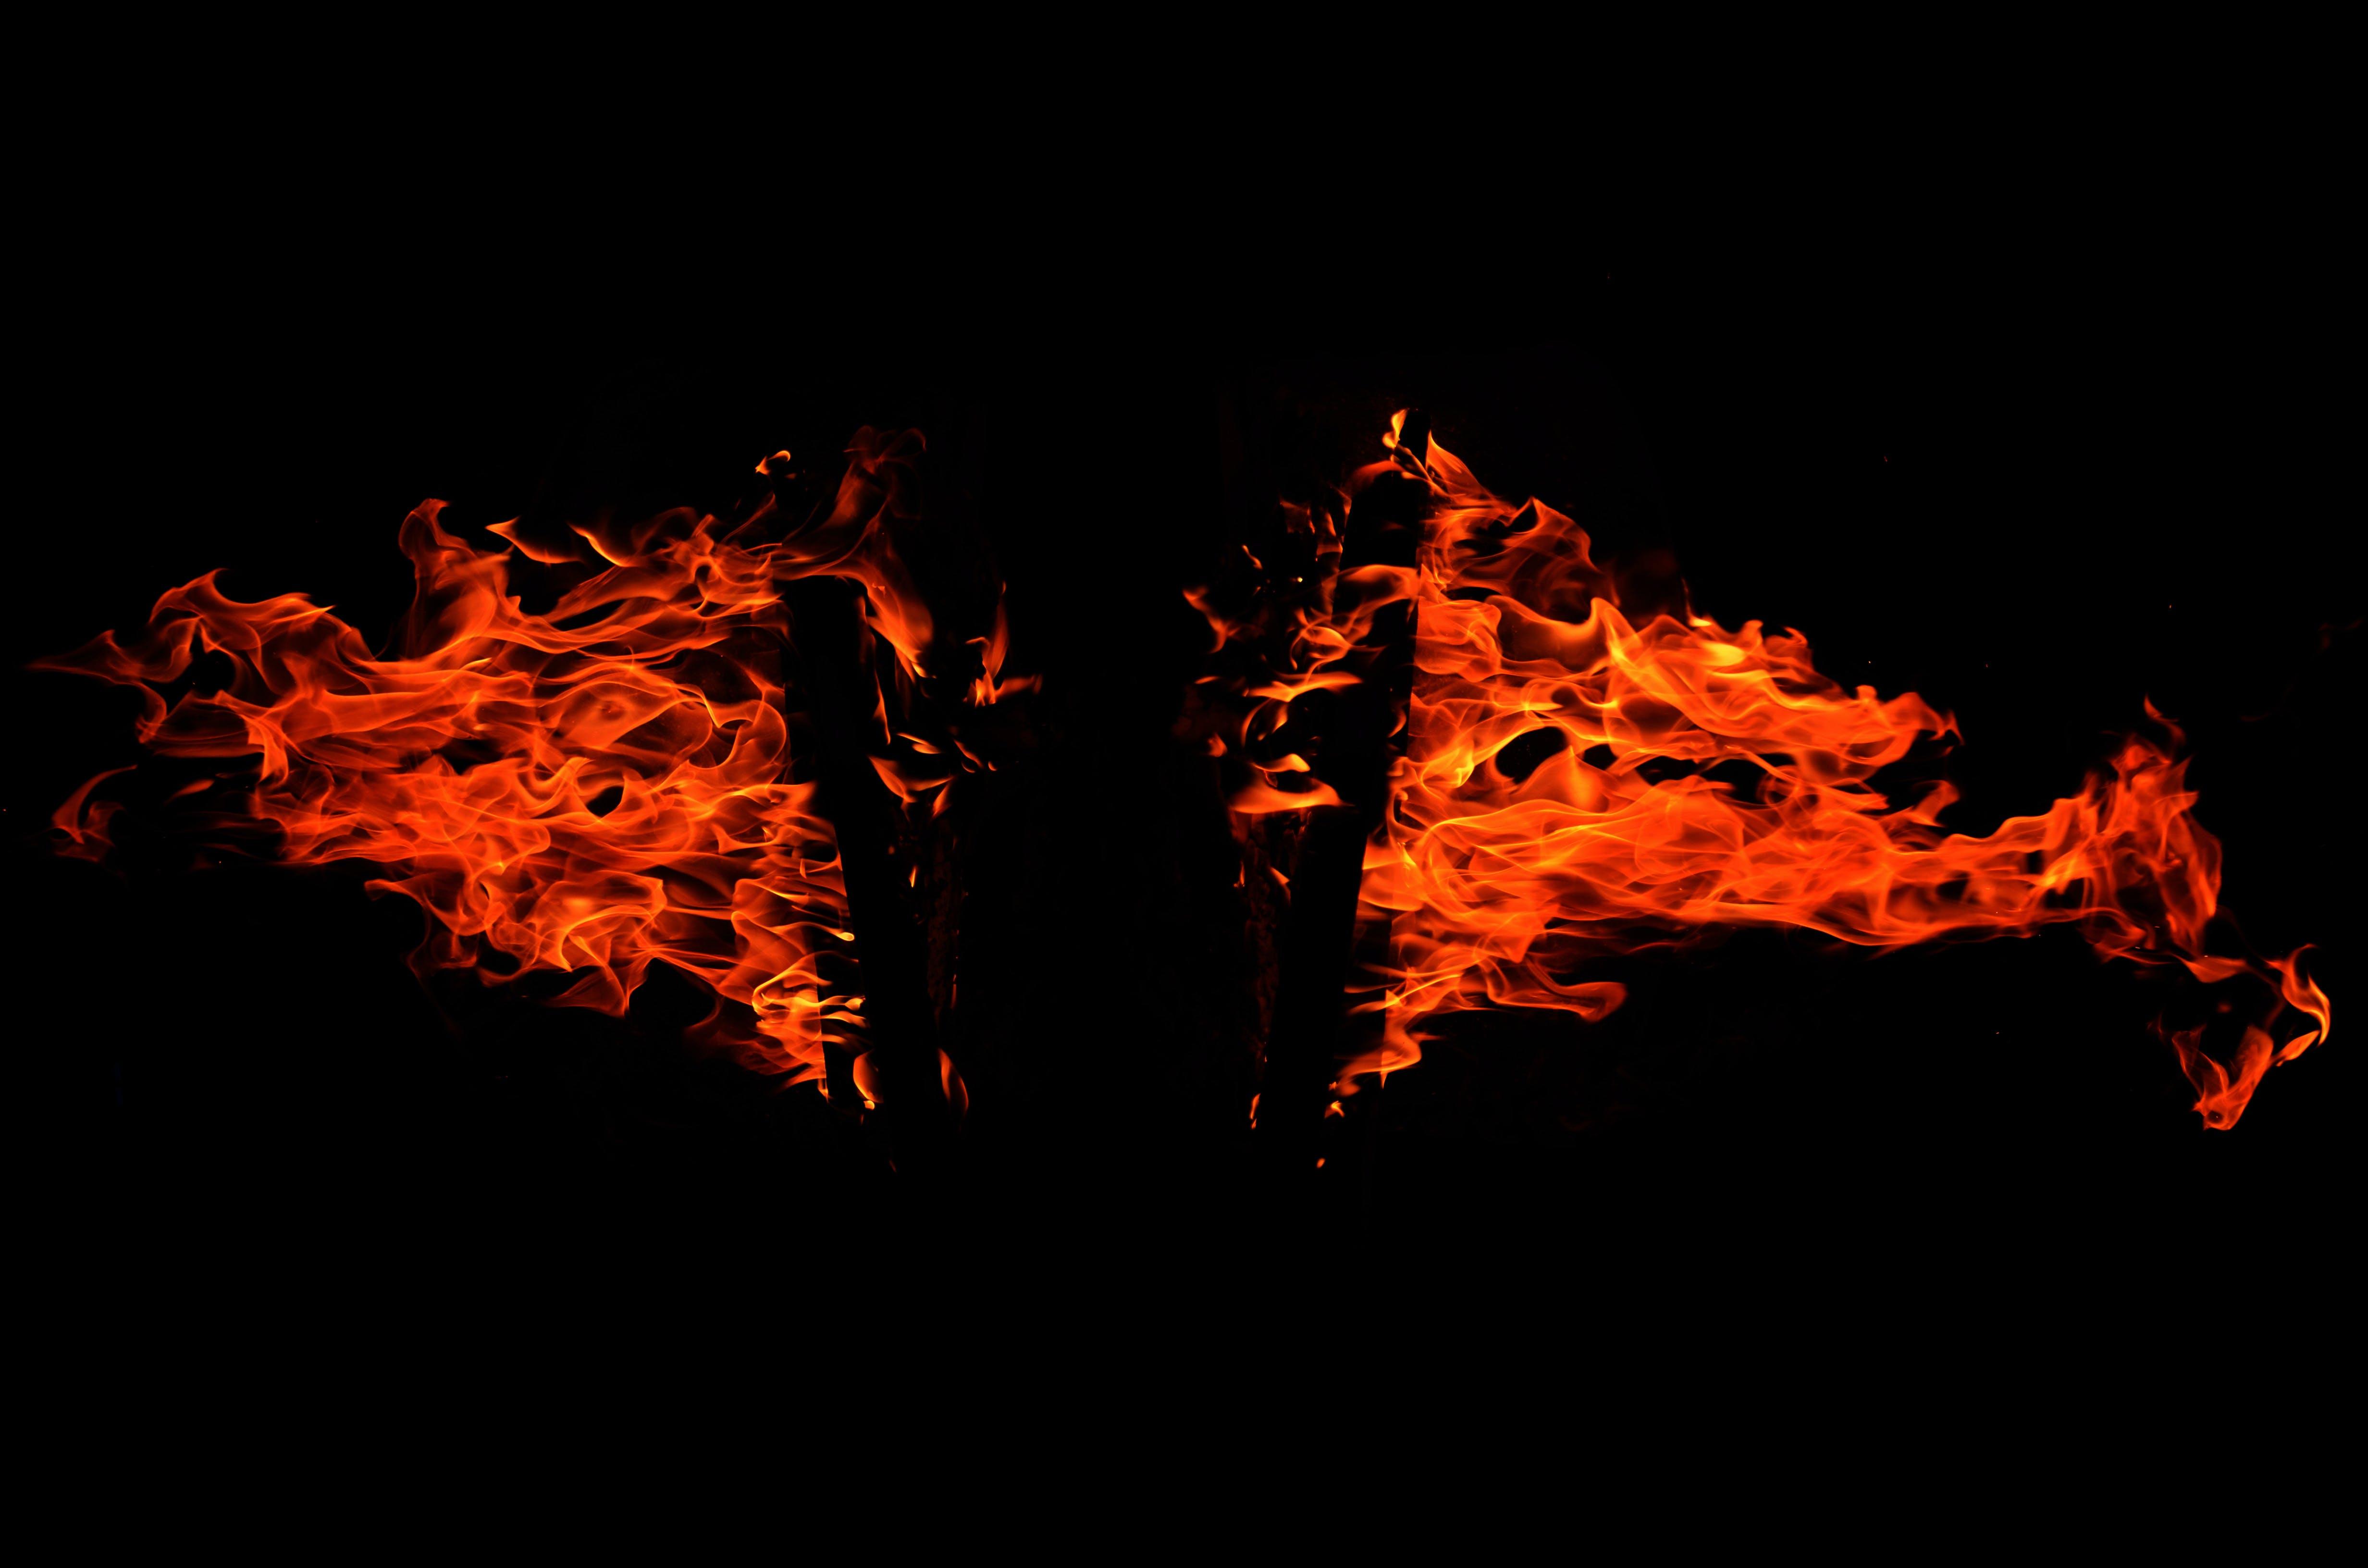 Kostenloses Stock Foto zu brennen, campen, explosion, feuer